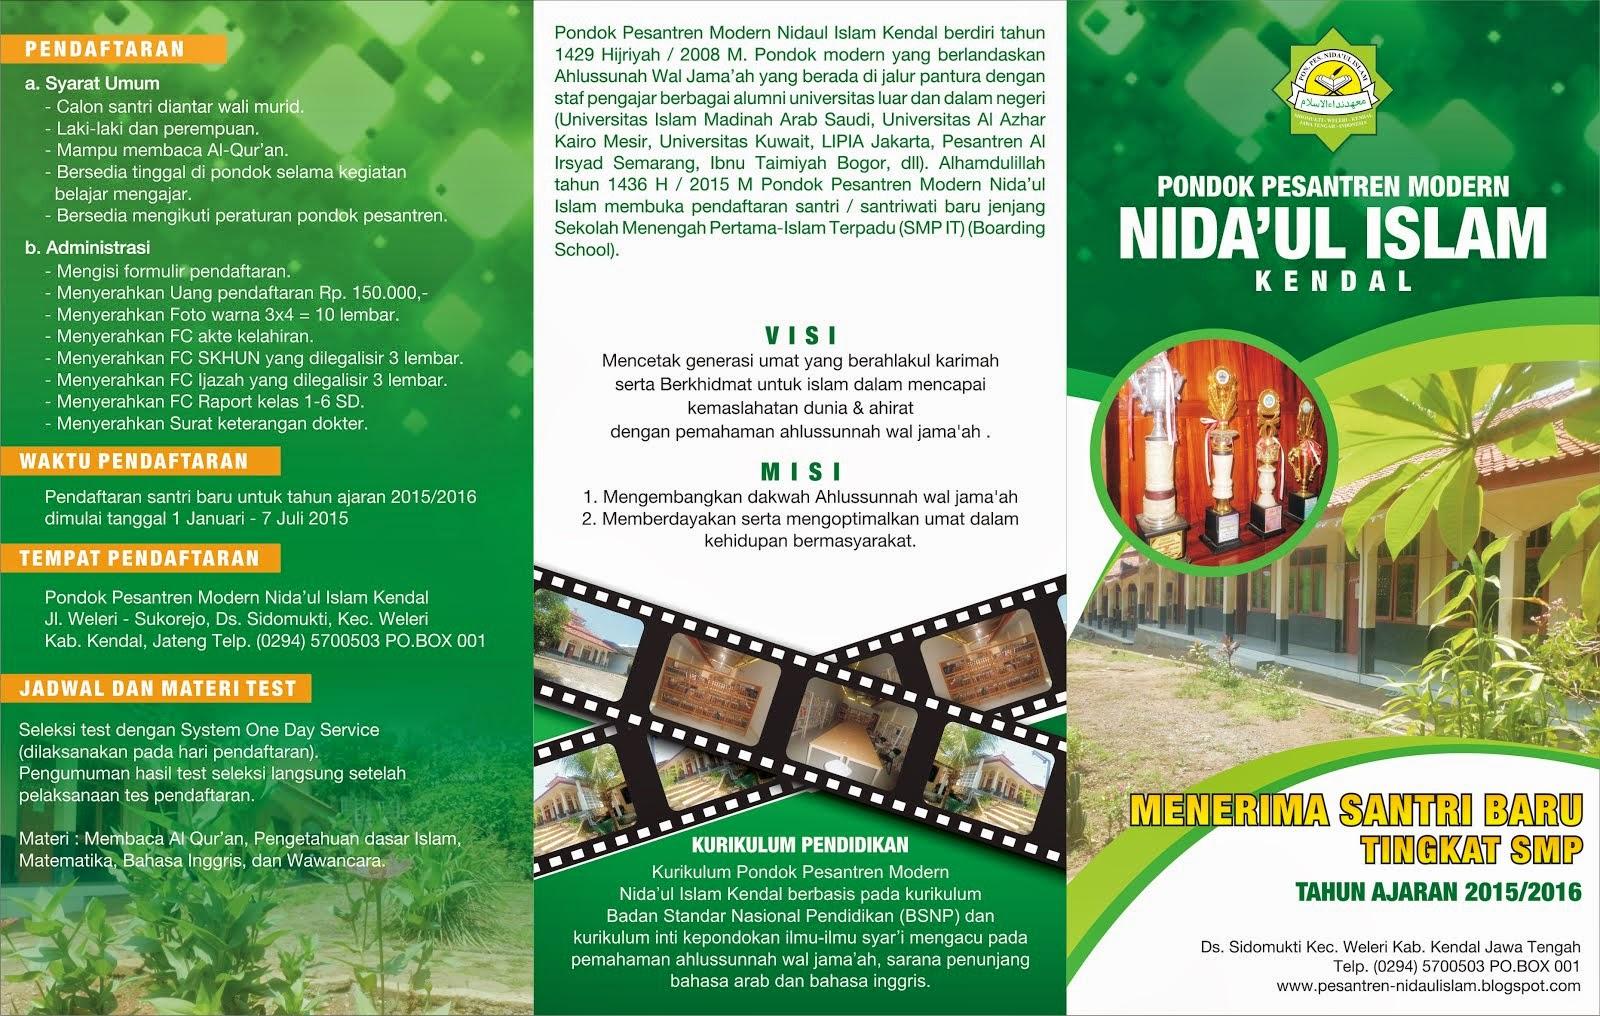 Pendaftaran Santri Baru Pondok Pesantren  Modern Nida'ul Islam Tahun Ajaran 2015-2016